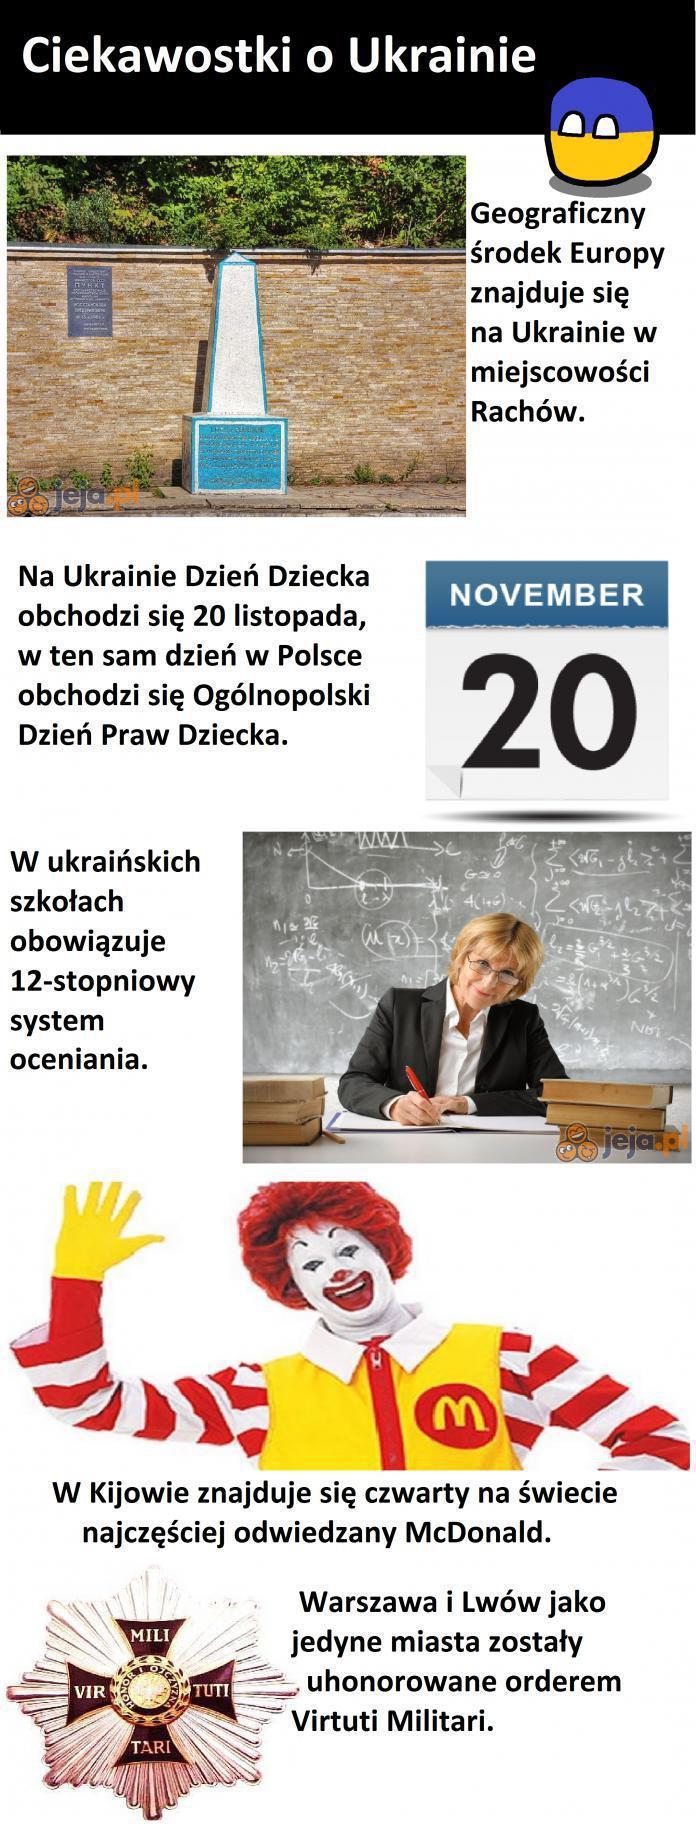 Ciekawostki o Ukrainie